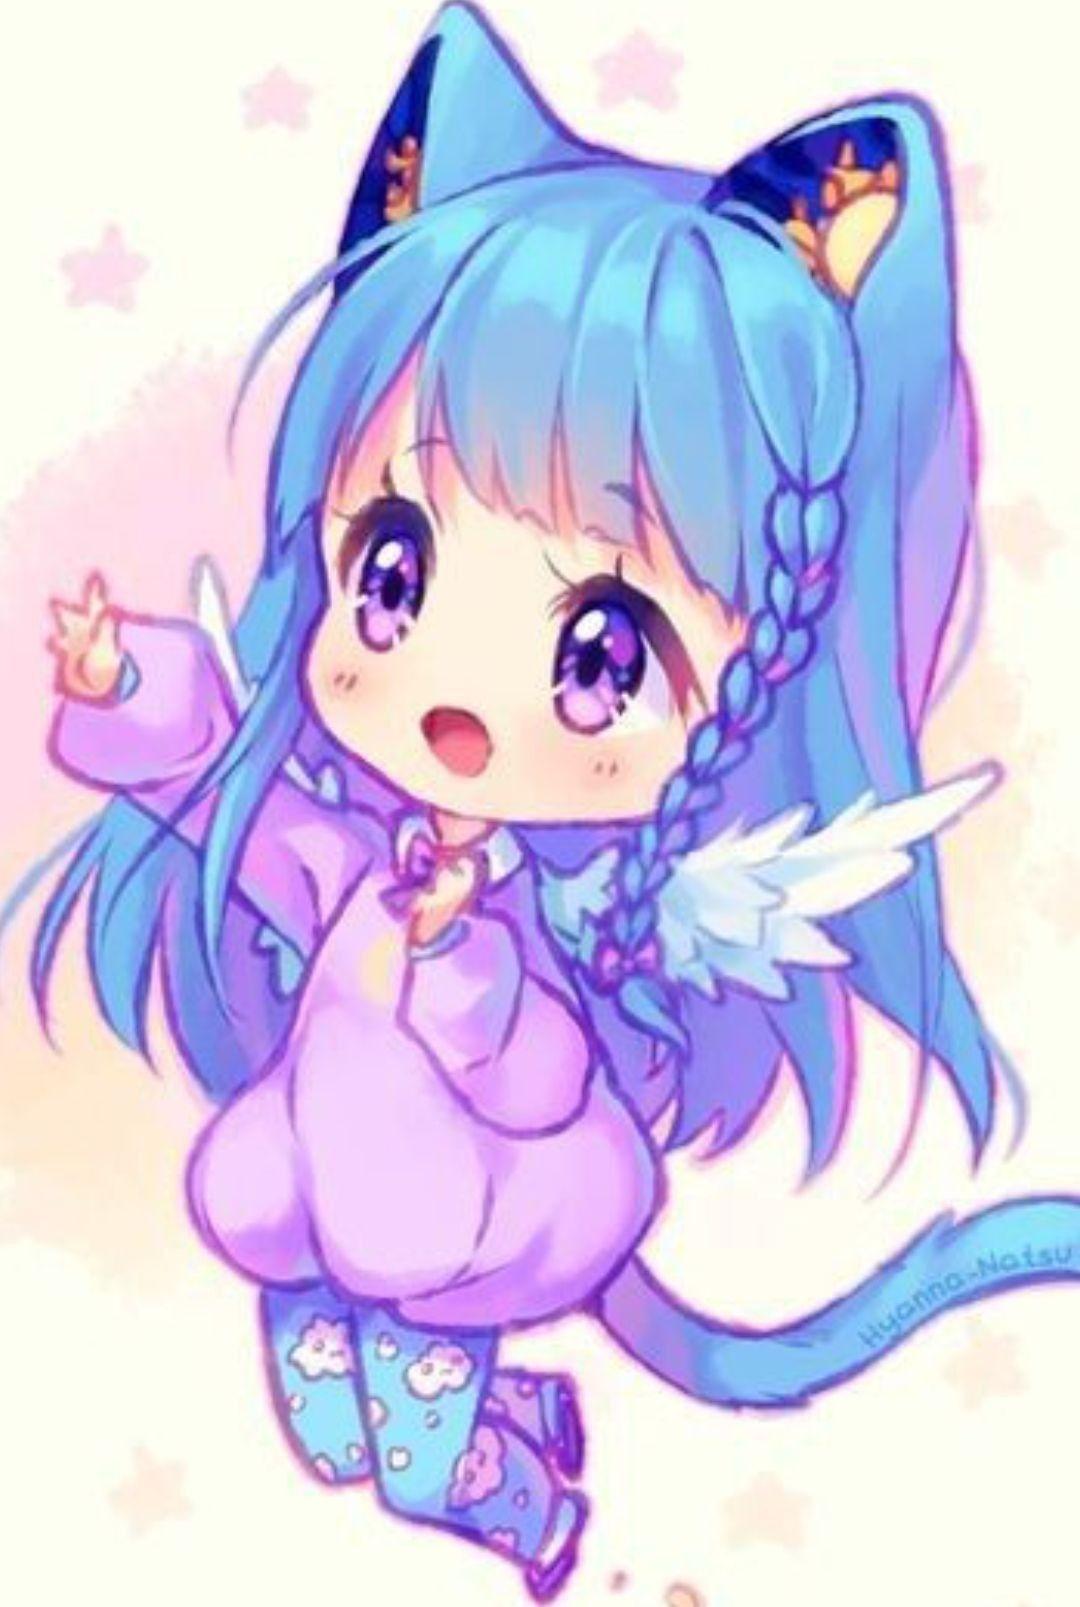 Pin By Pipsqueek On Digital Art Cute Anime Chibi Chibi Girl Chibi